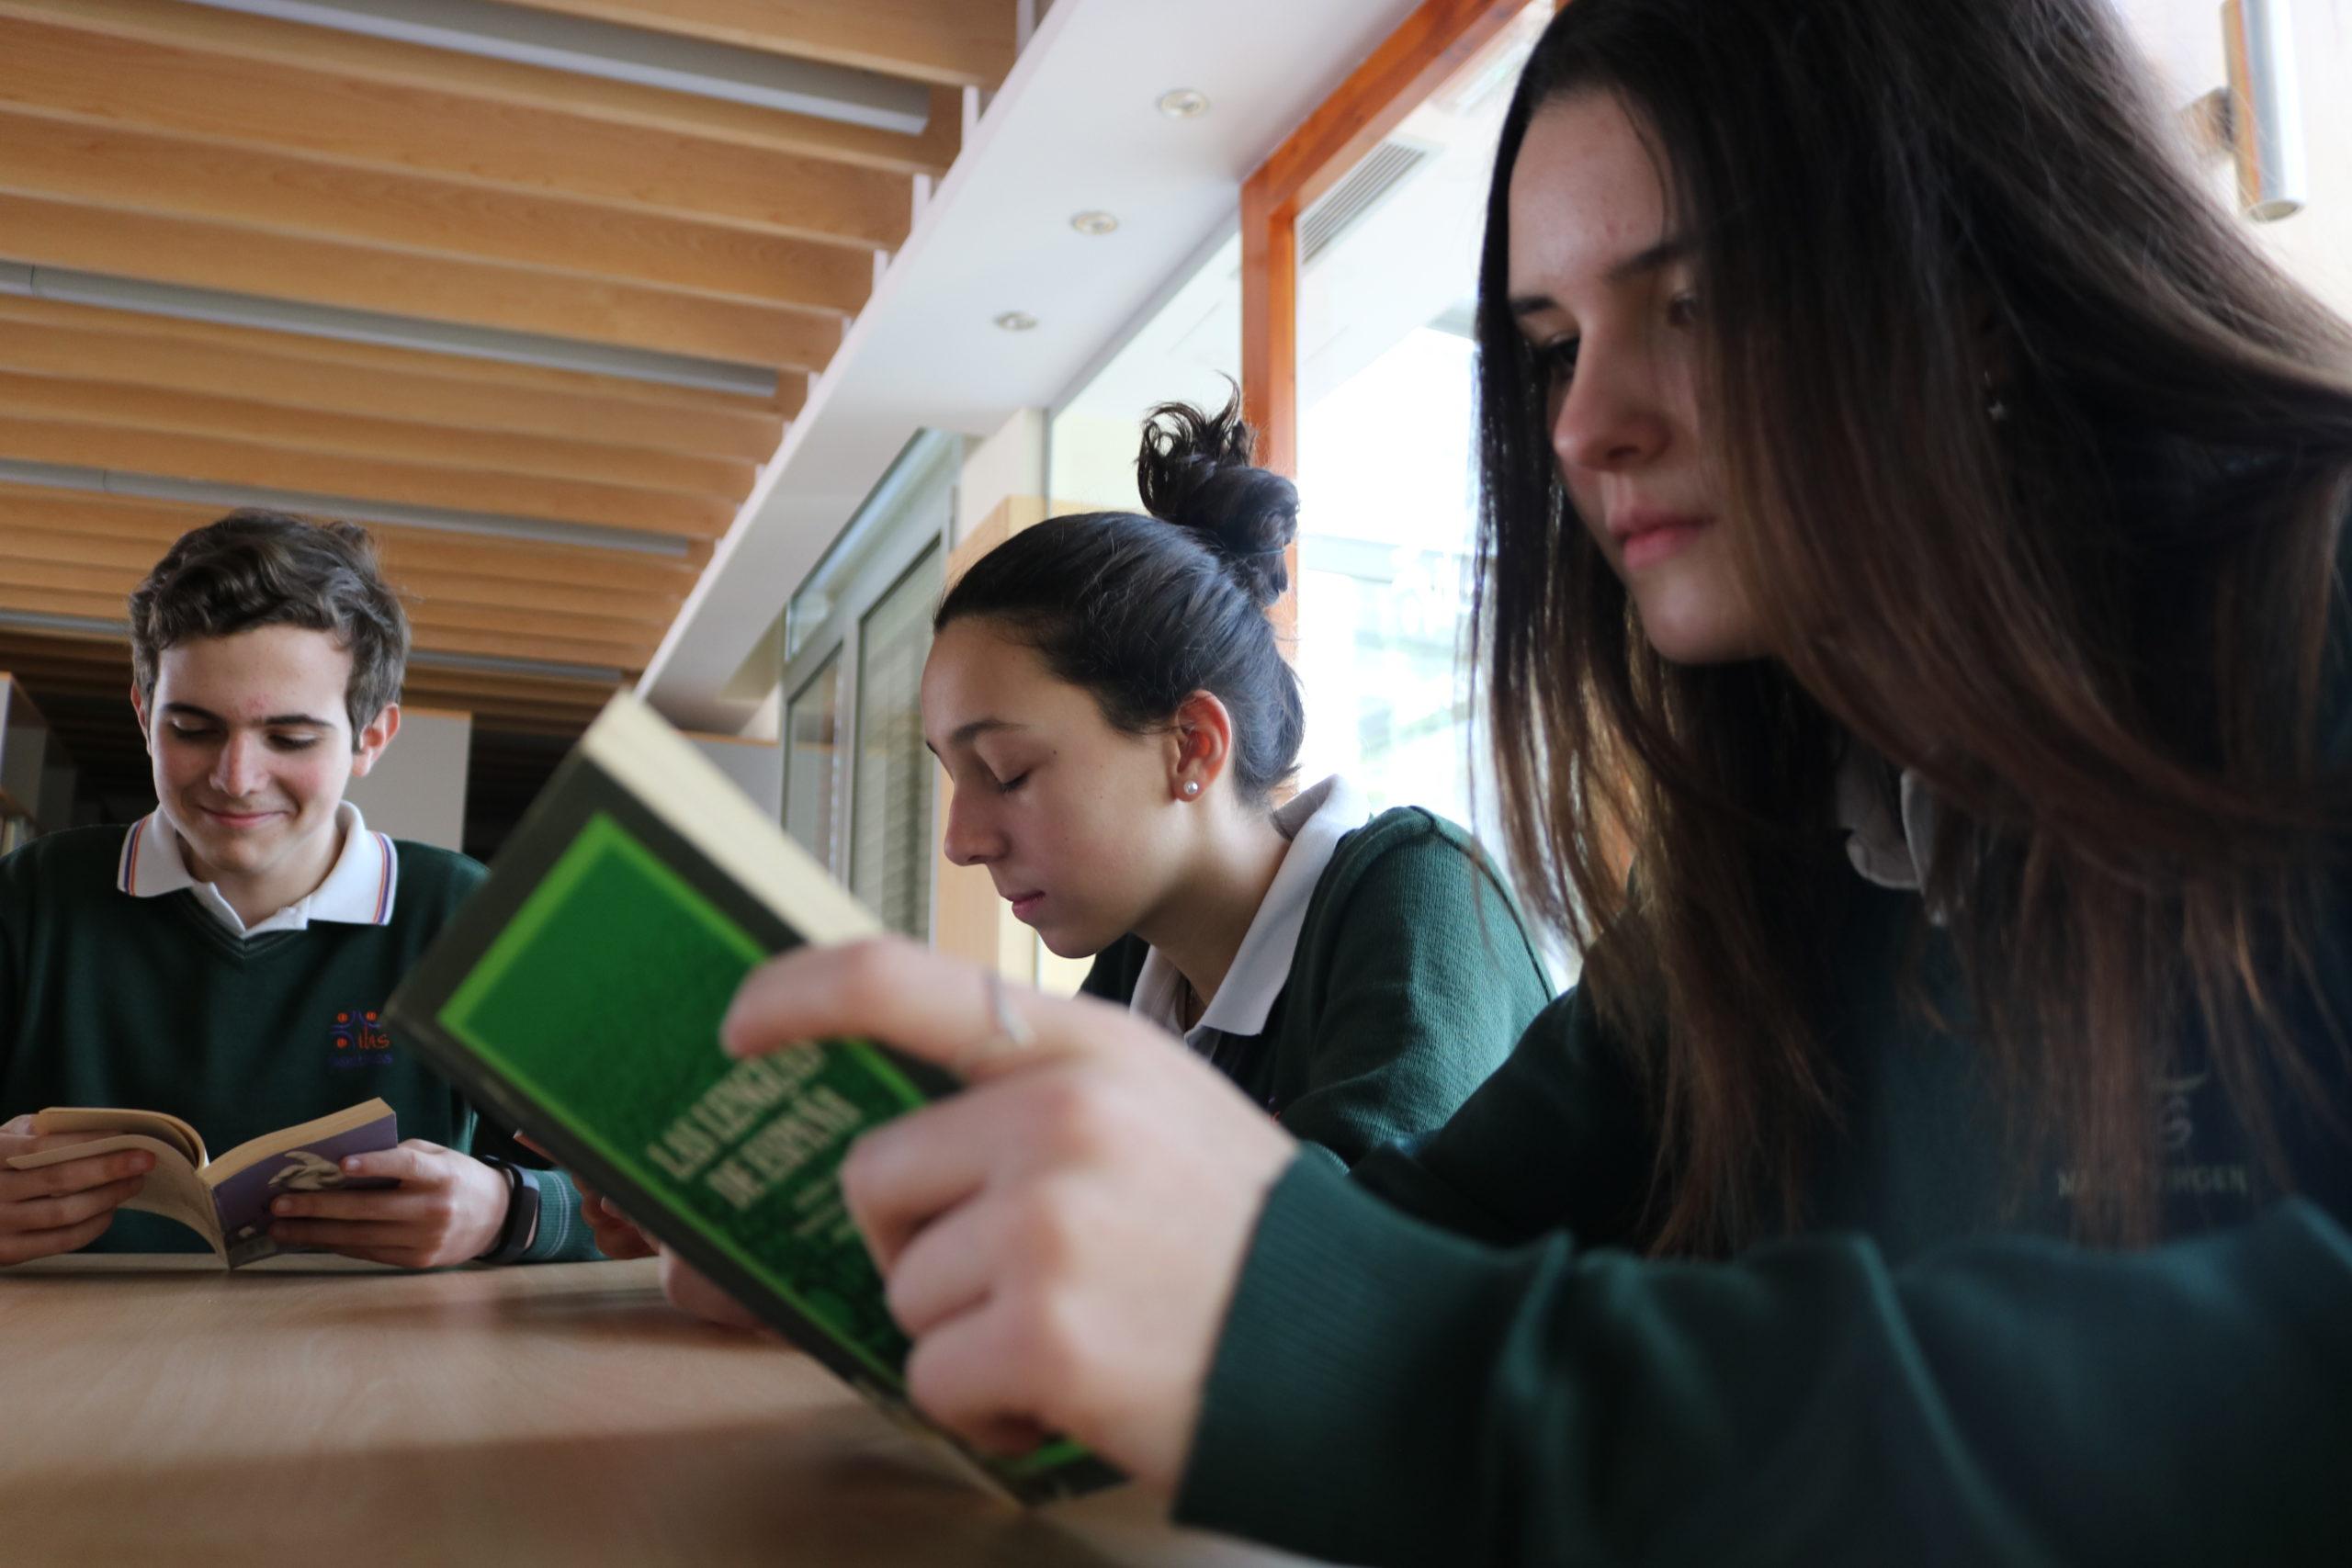 colegio maria virgen excelencia chamartin hijas de jesus jesuitinas bilingue concertado chamartin